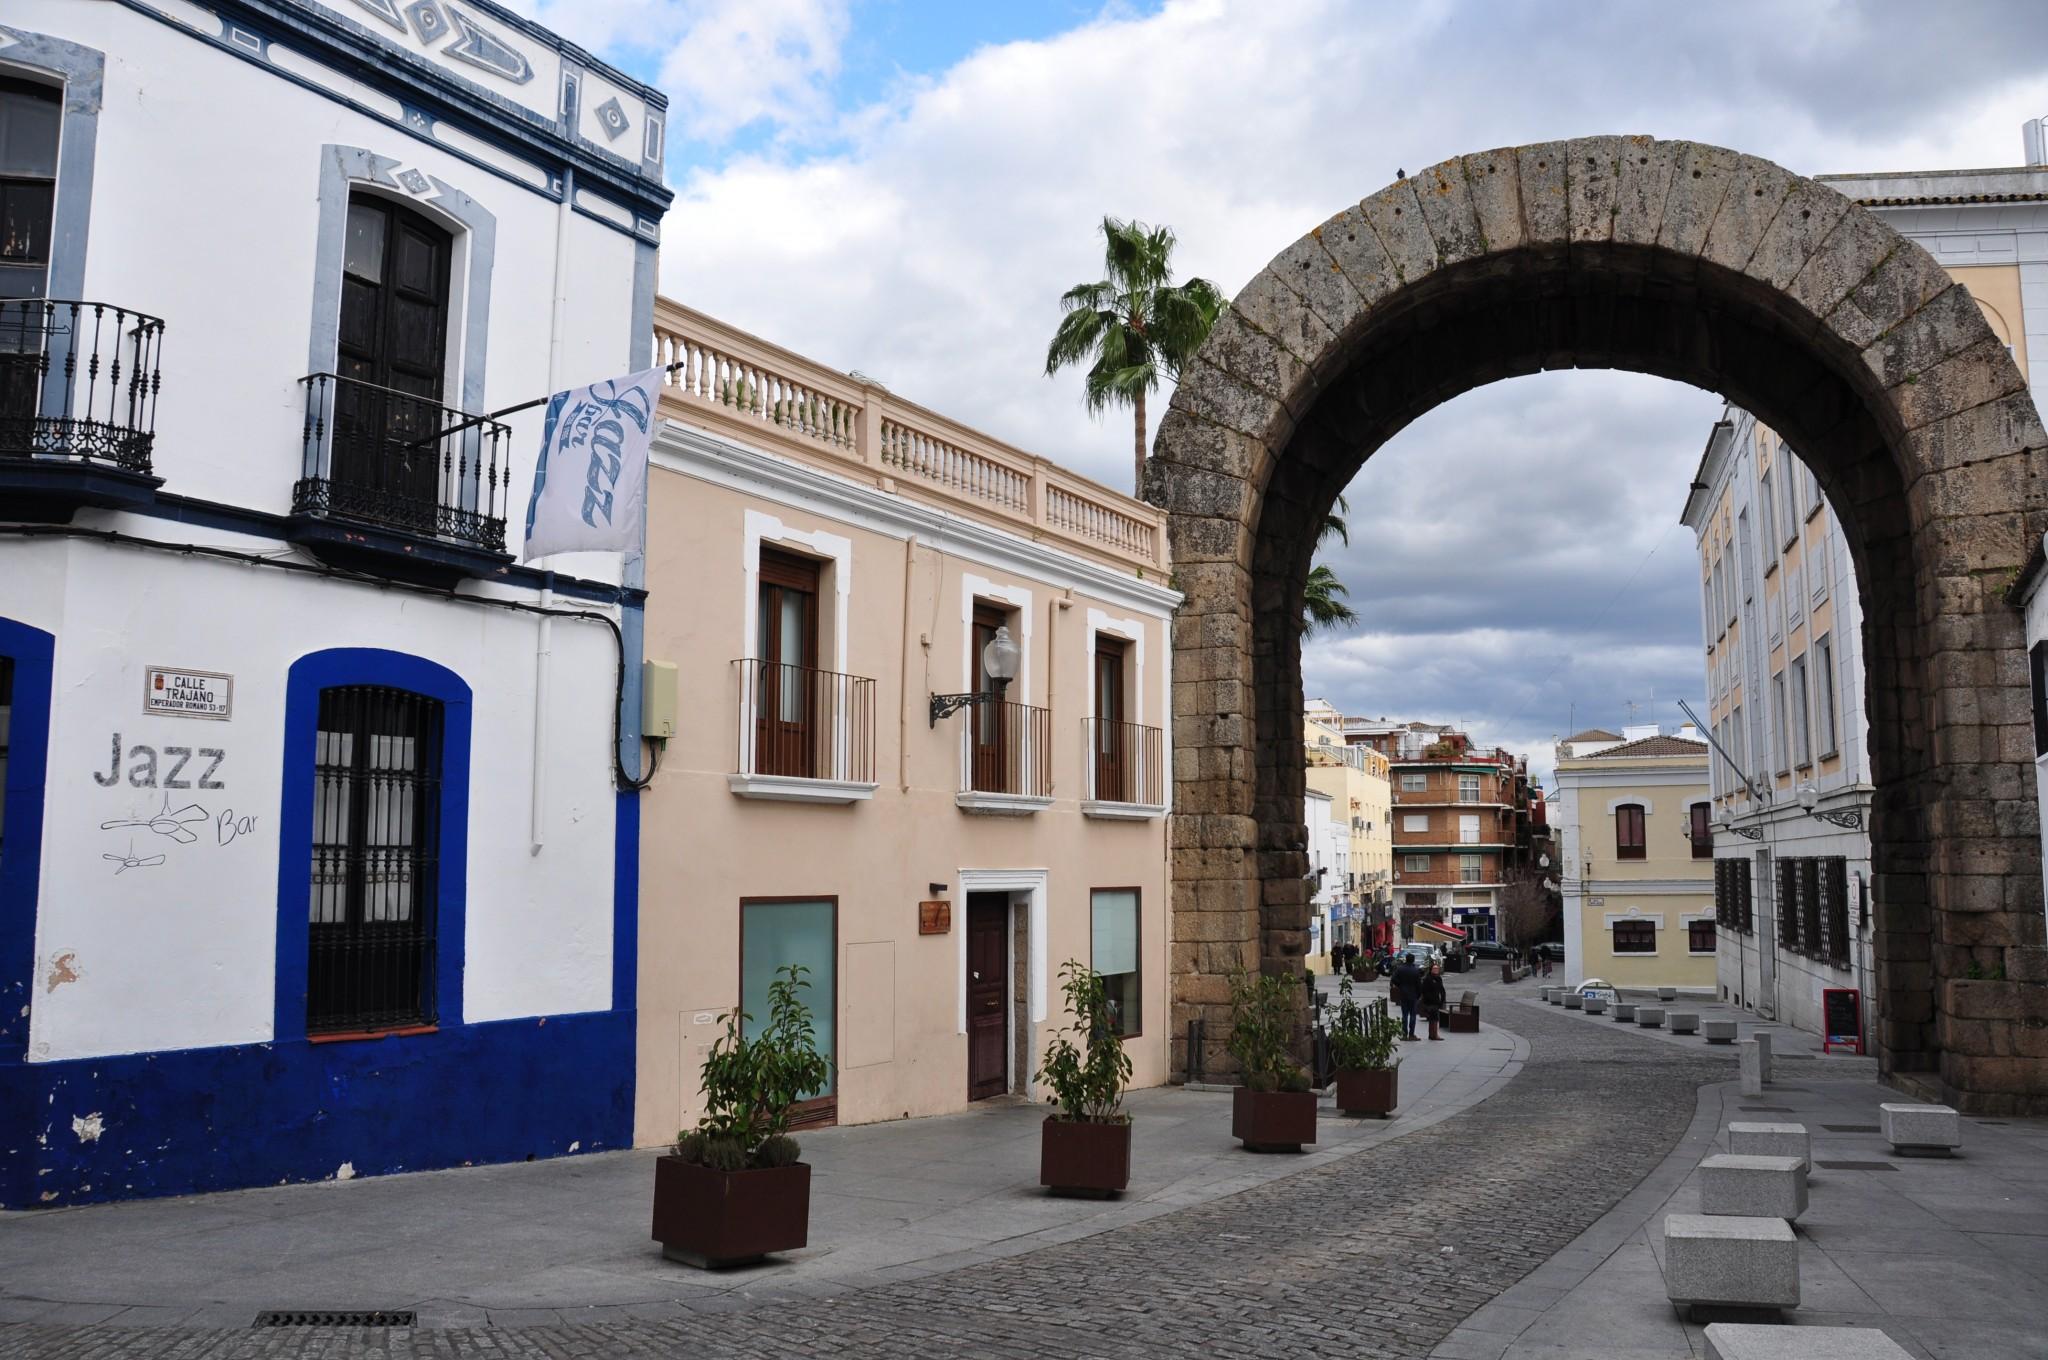 Mérida, Arco de Trajano